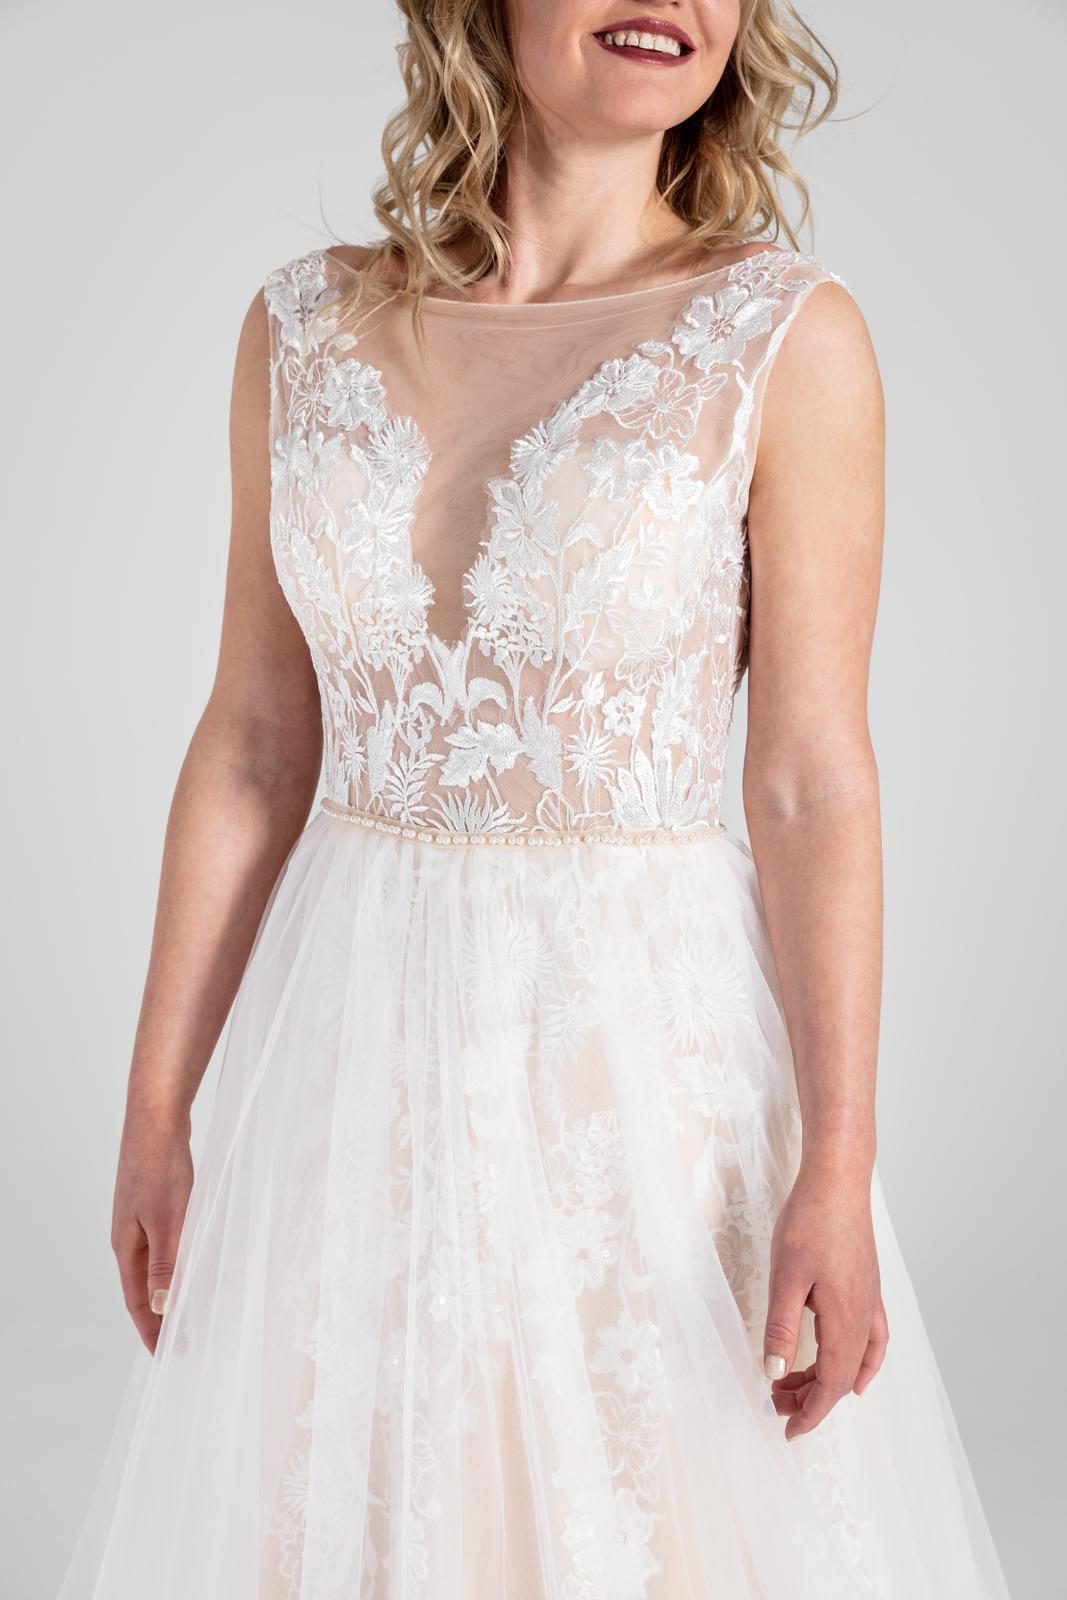 Svatební šaty v boho stylu s tylovou sukní, 36-42 - Obrázek č. 2